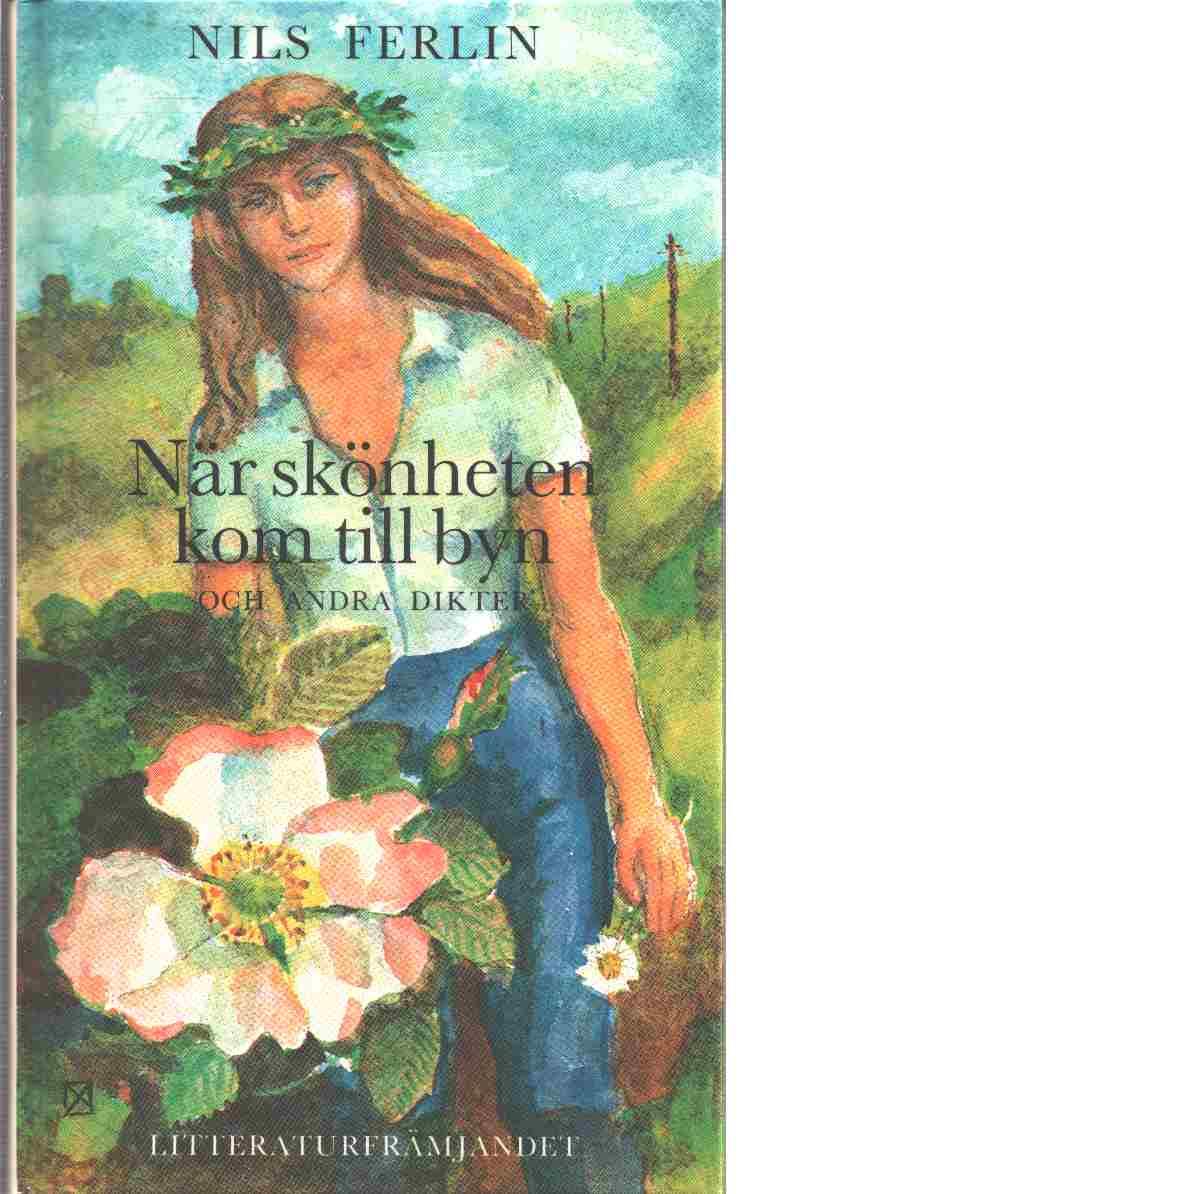 När skönheten kom till byn och andra dikter - Ferlin, Nils